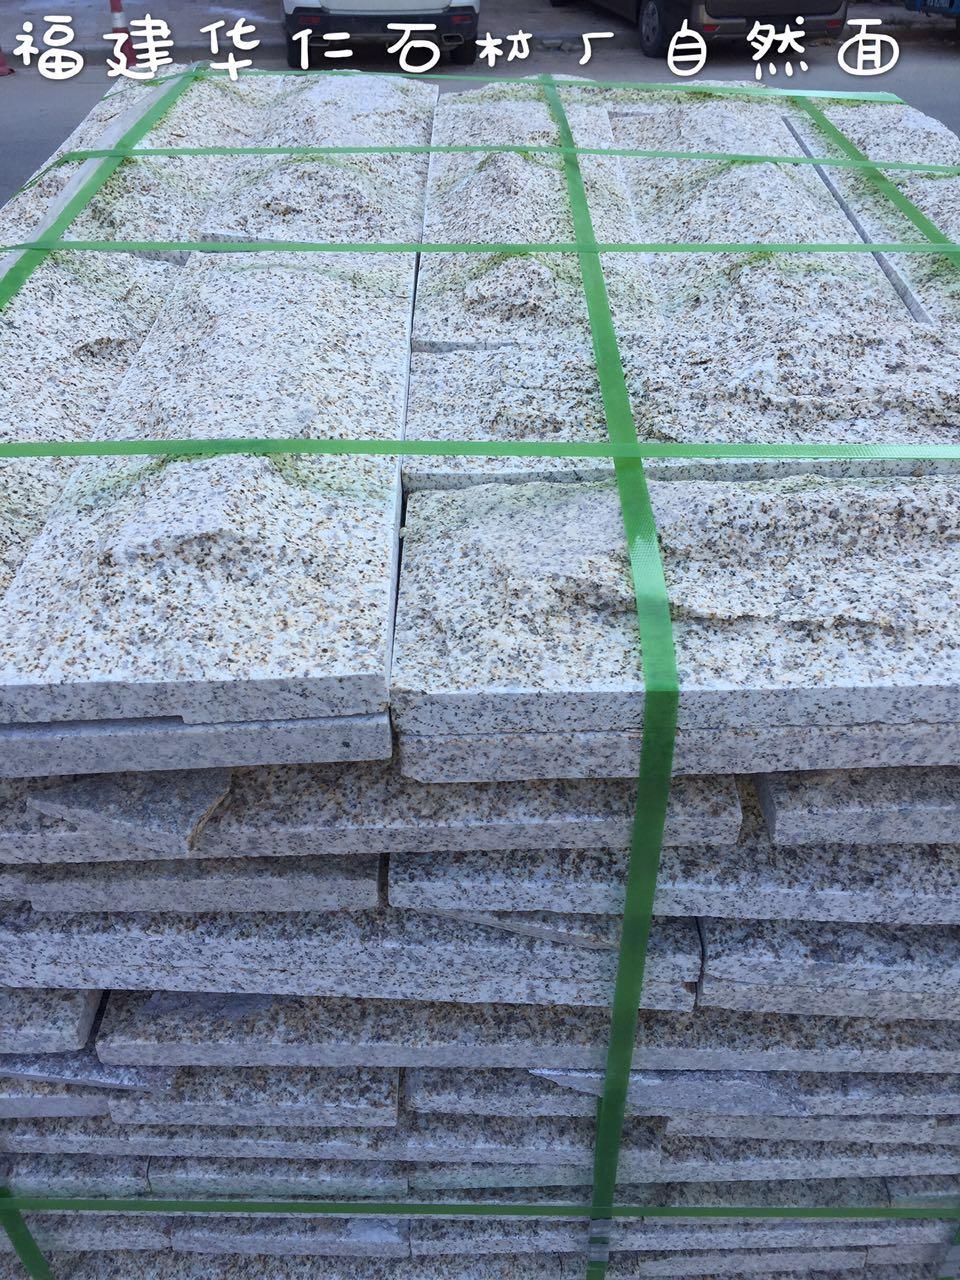 广州自然面外墙  广州自然面外墙公司 专业自然面外墙公司 广州自然面外墙批发